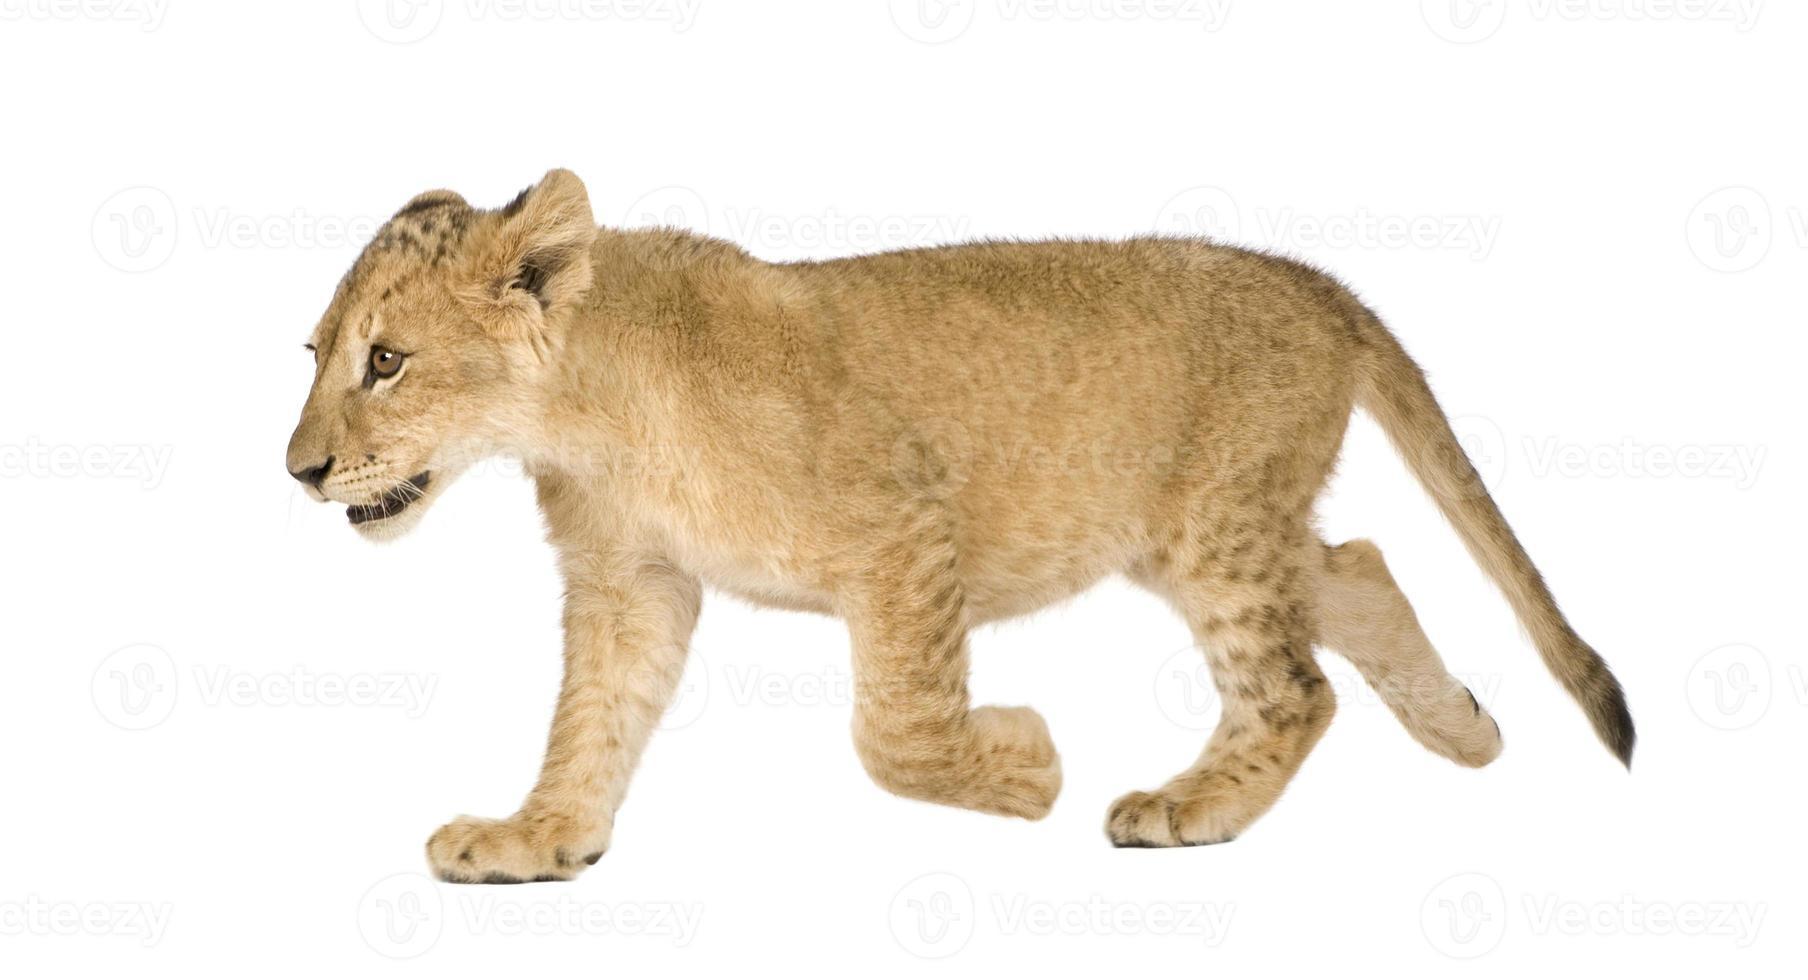 cucciolo di leone (4 mesi) foto